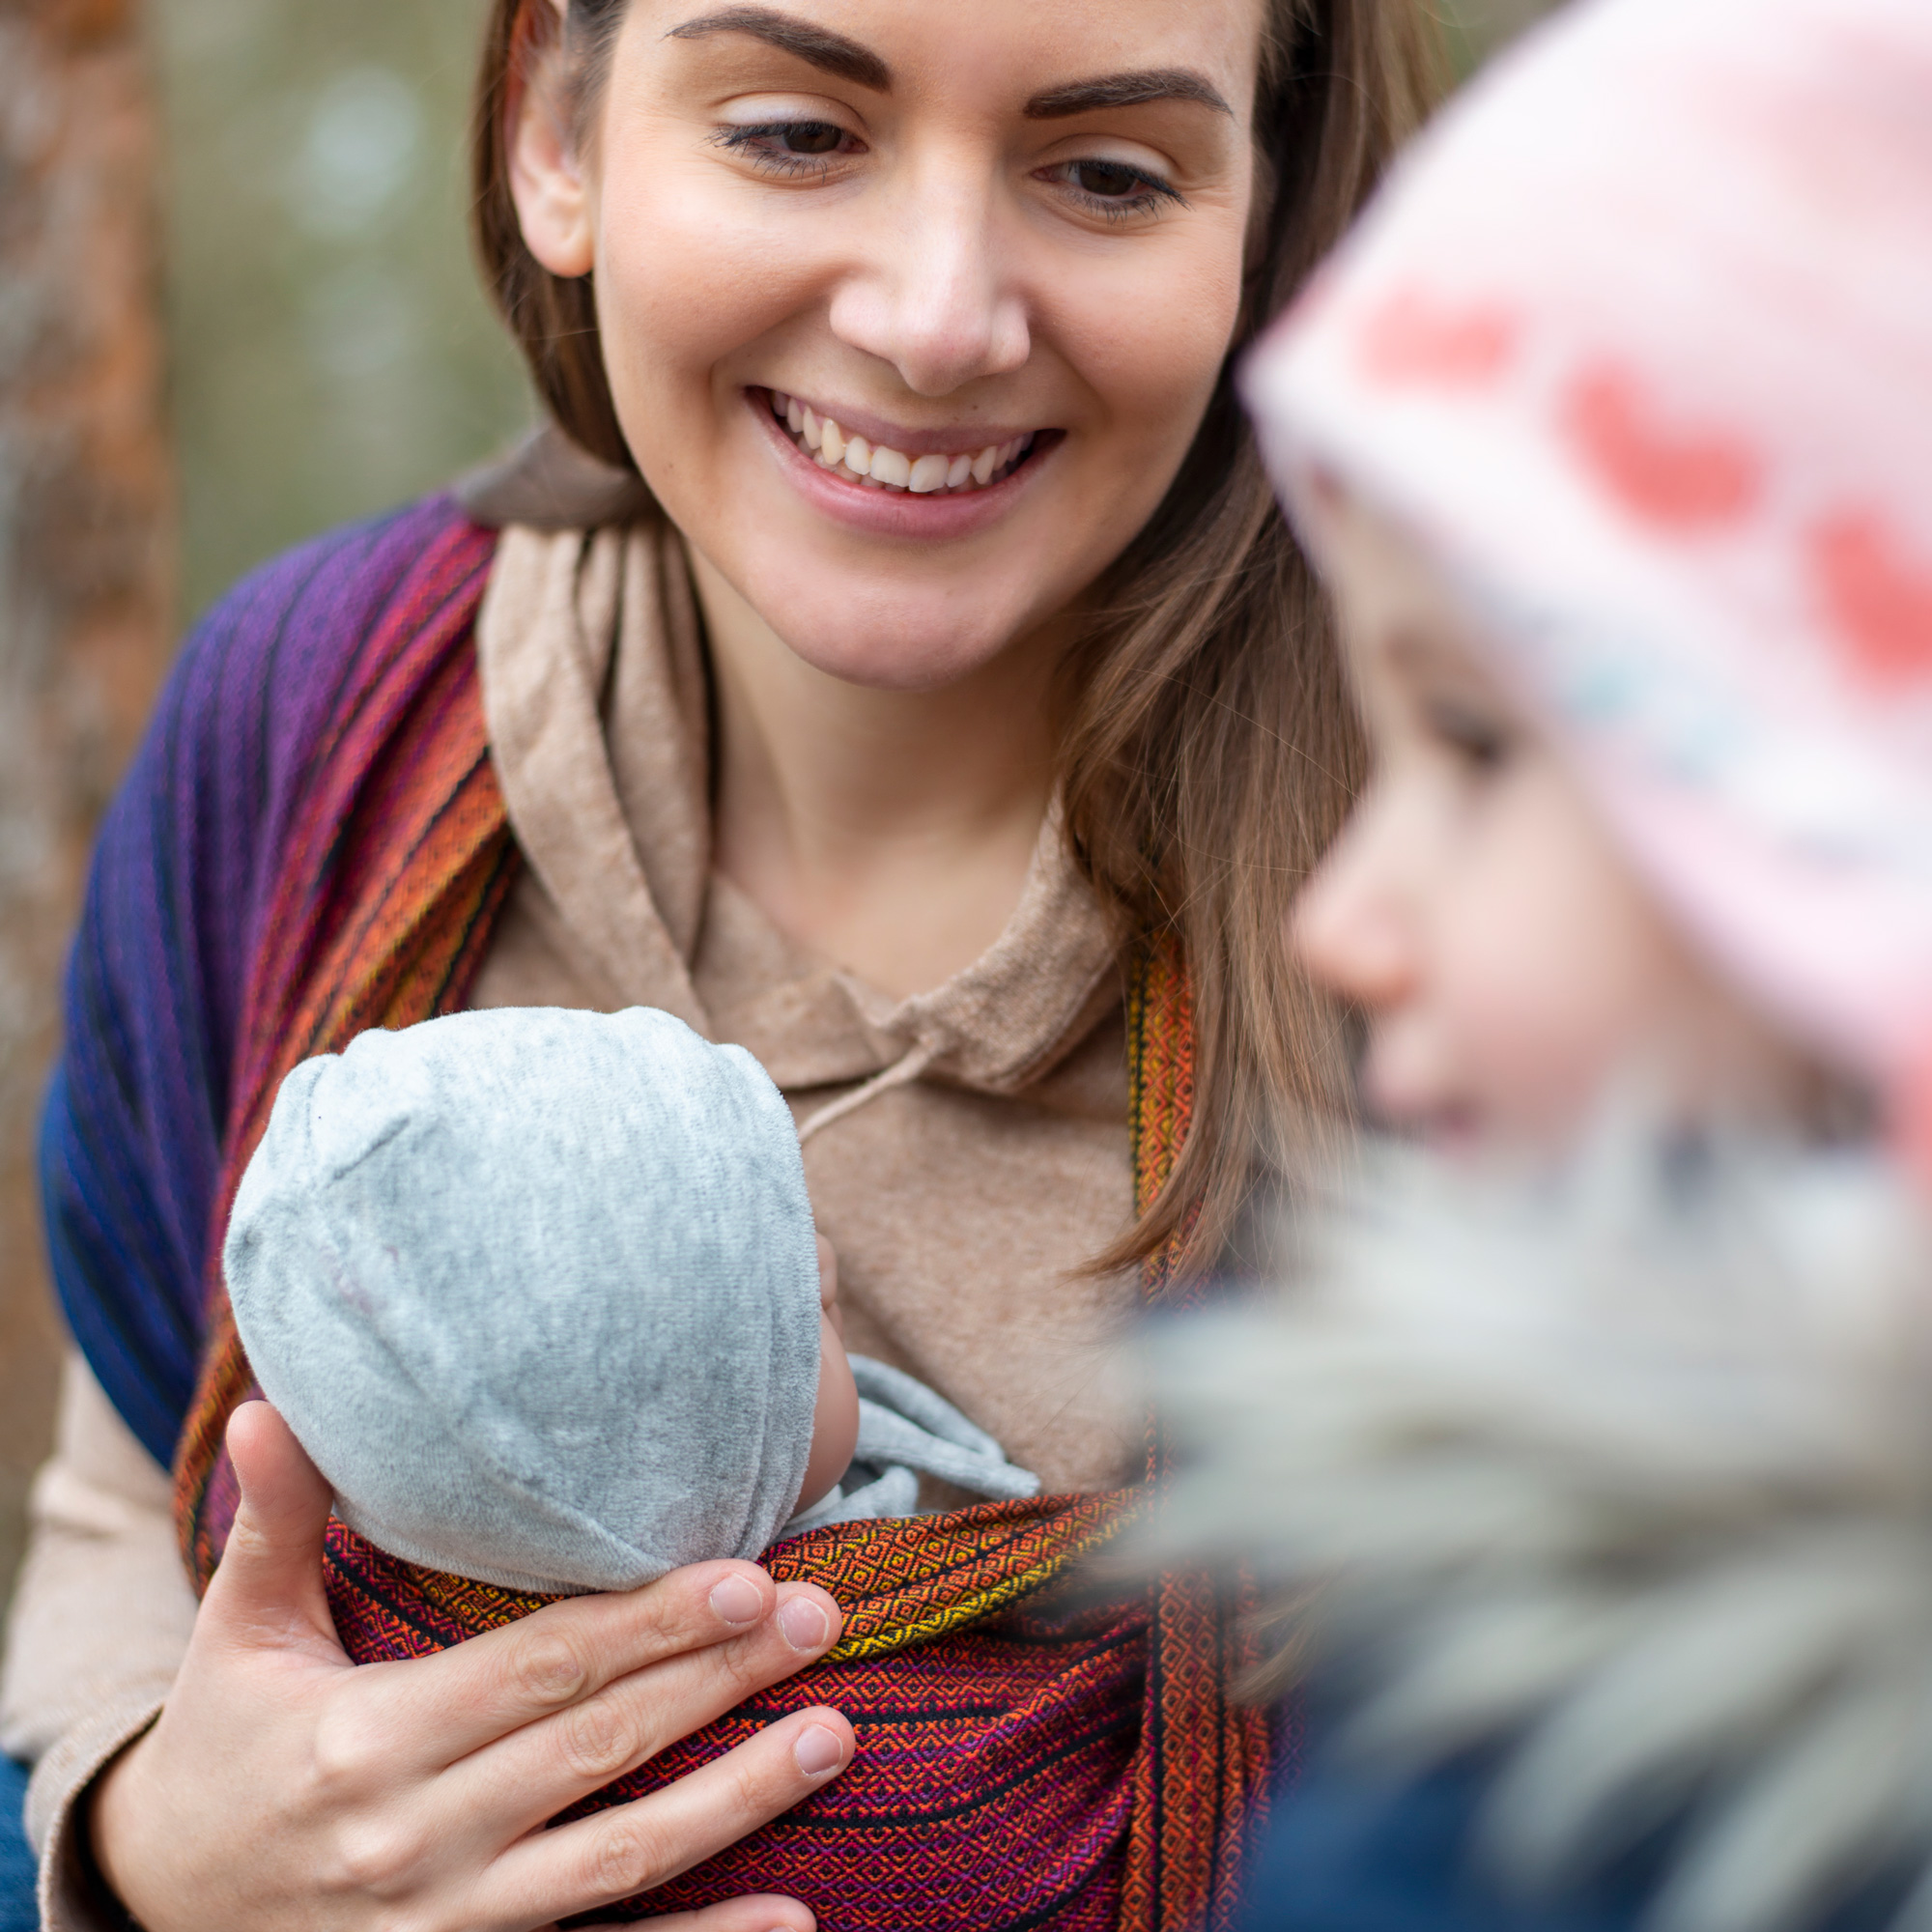 Liebe und Nähe zu Kindern durch Tragen